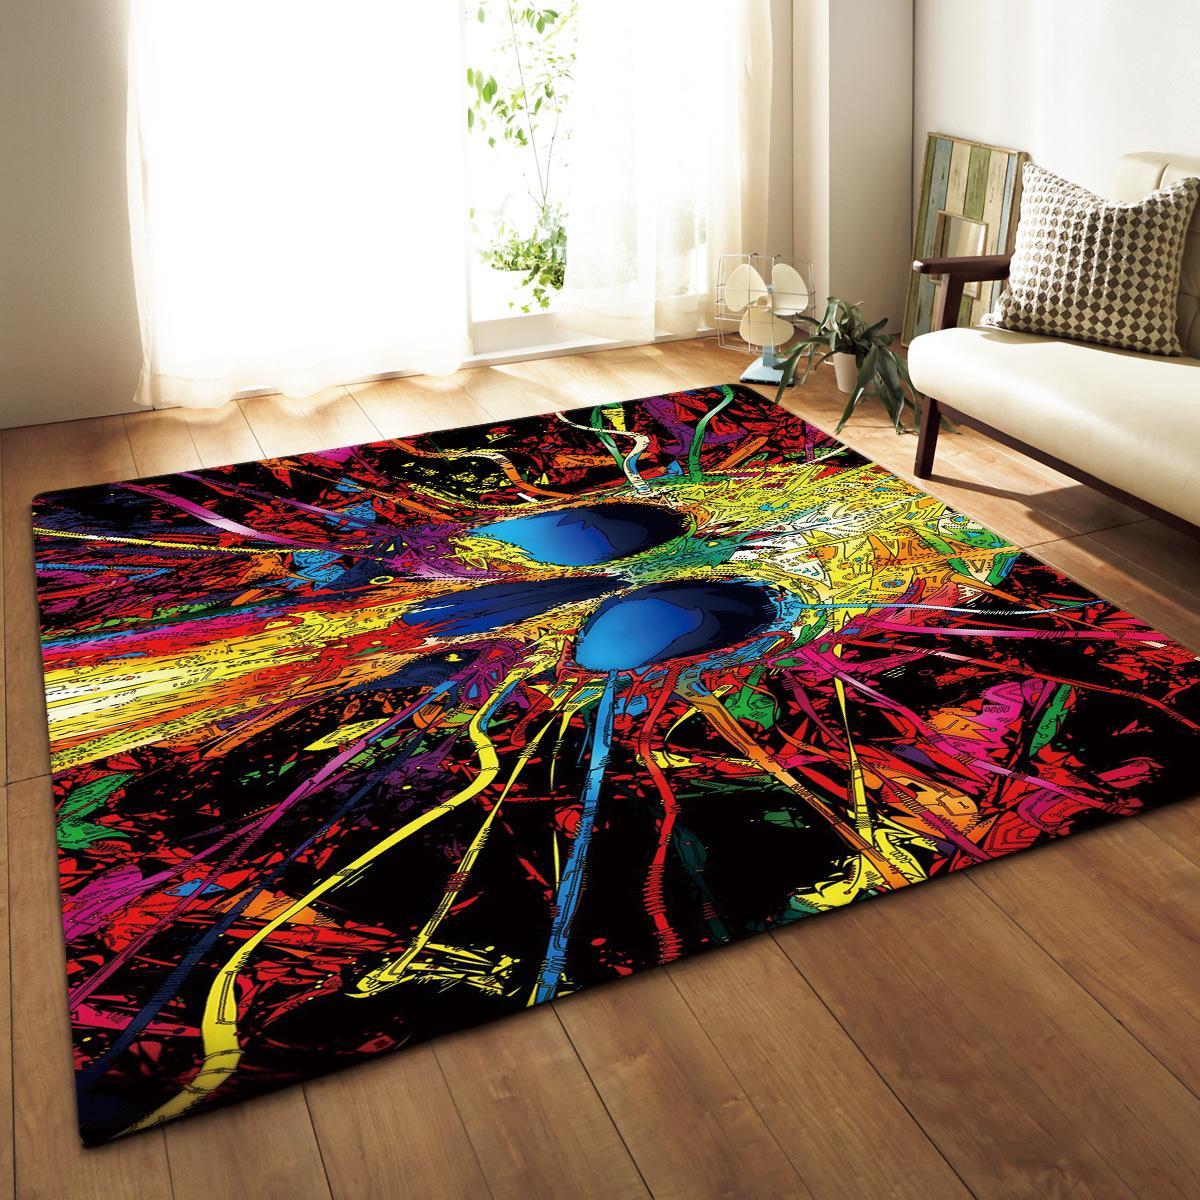 Grand Europe tapis tapis doux flanelle salon tapis décor à la maison chambre d'enfants tapis de jeu navire ancre tapis pour salon 115